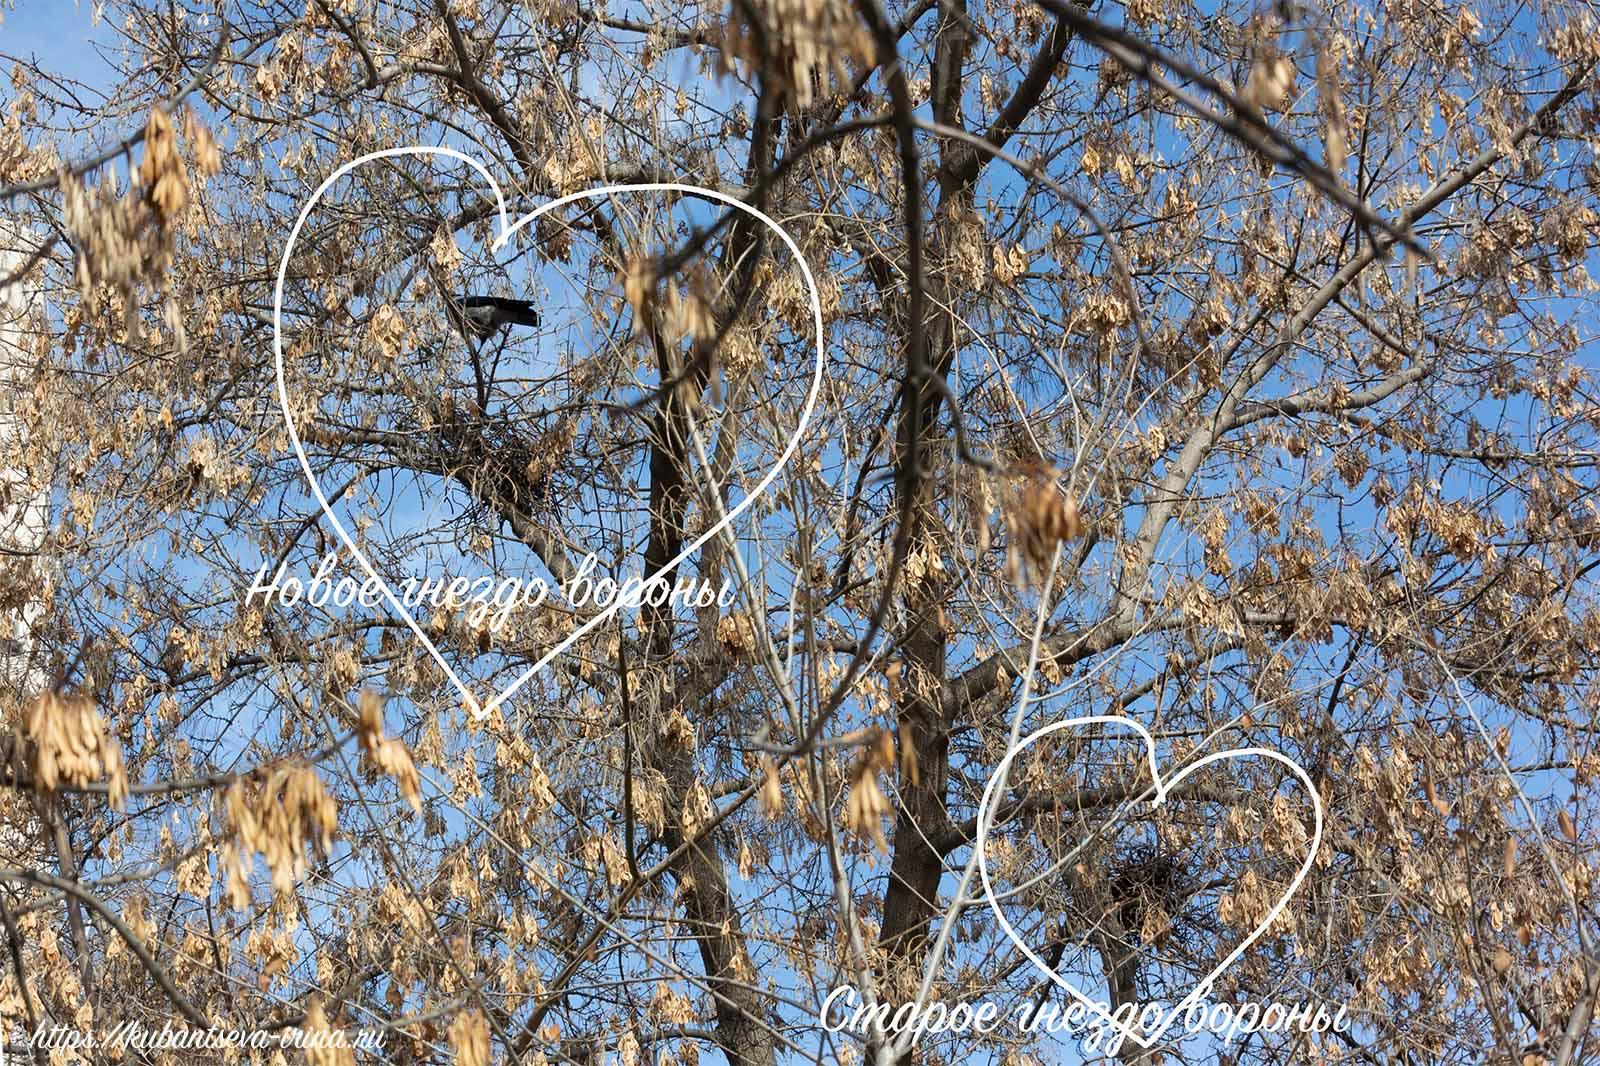 воронье гнездо вороны фото